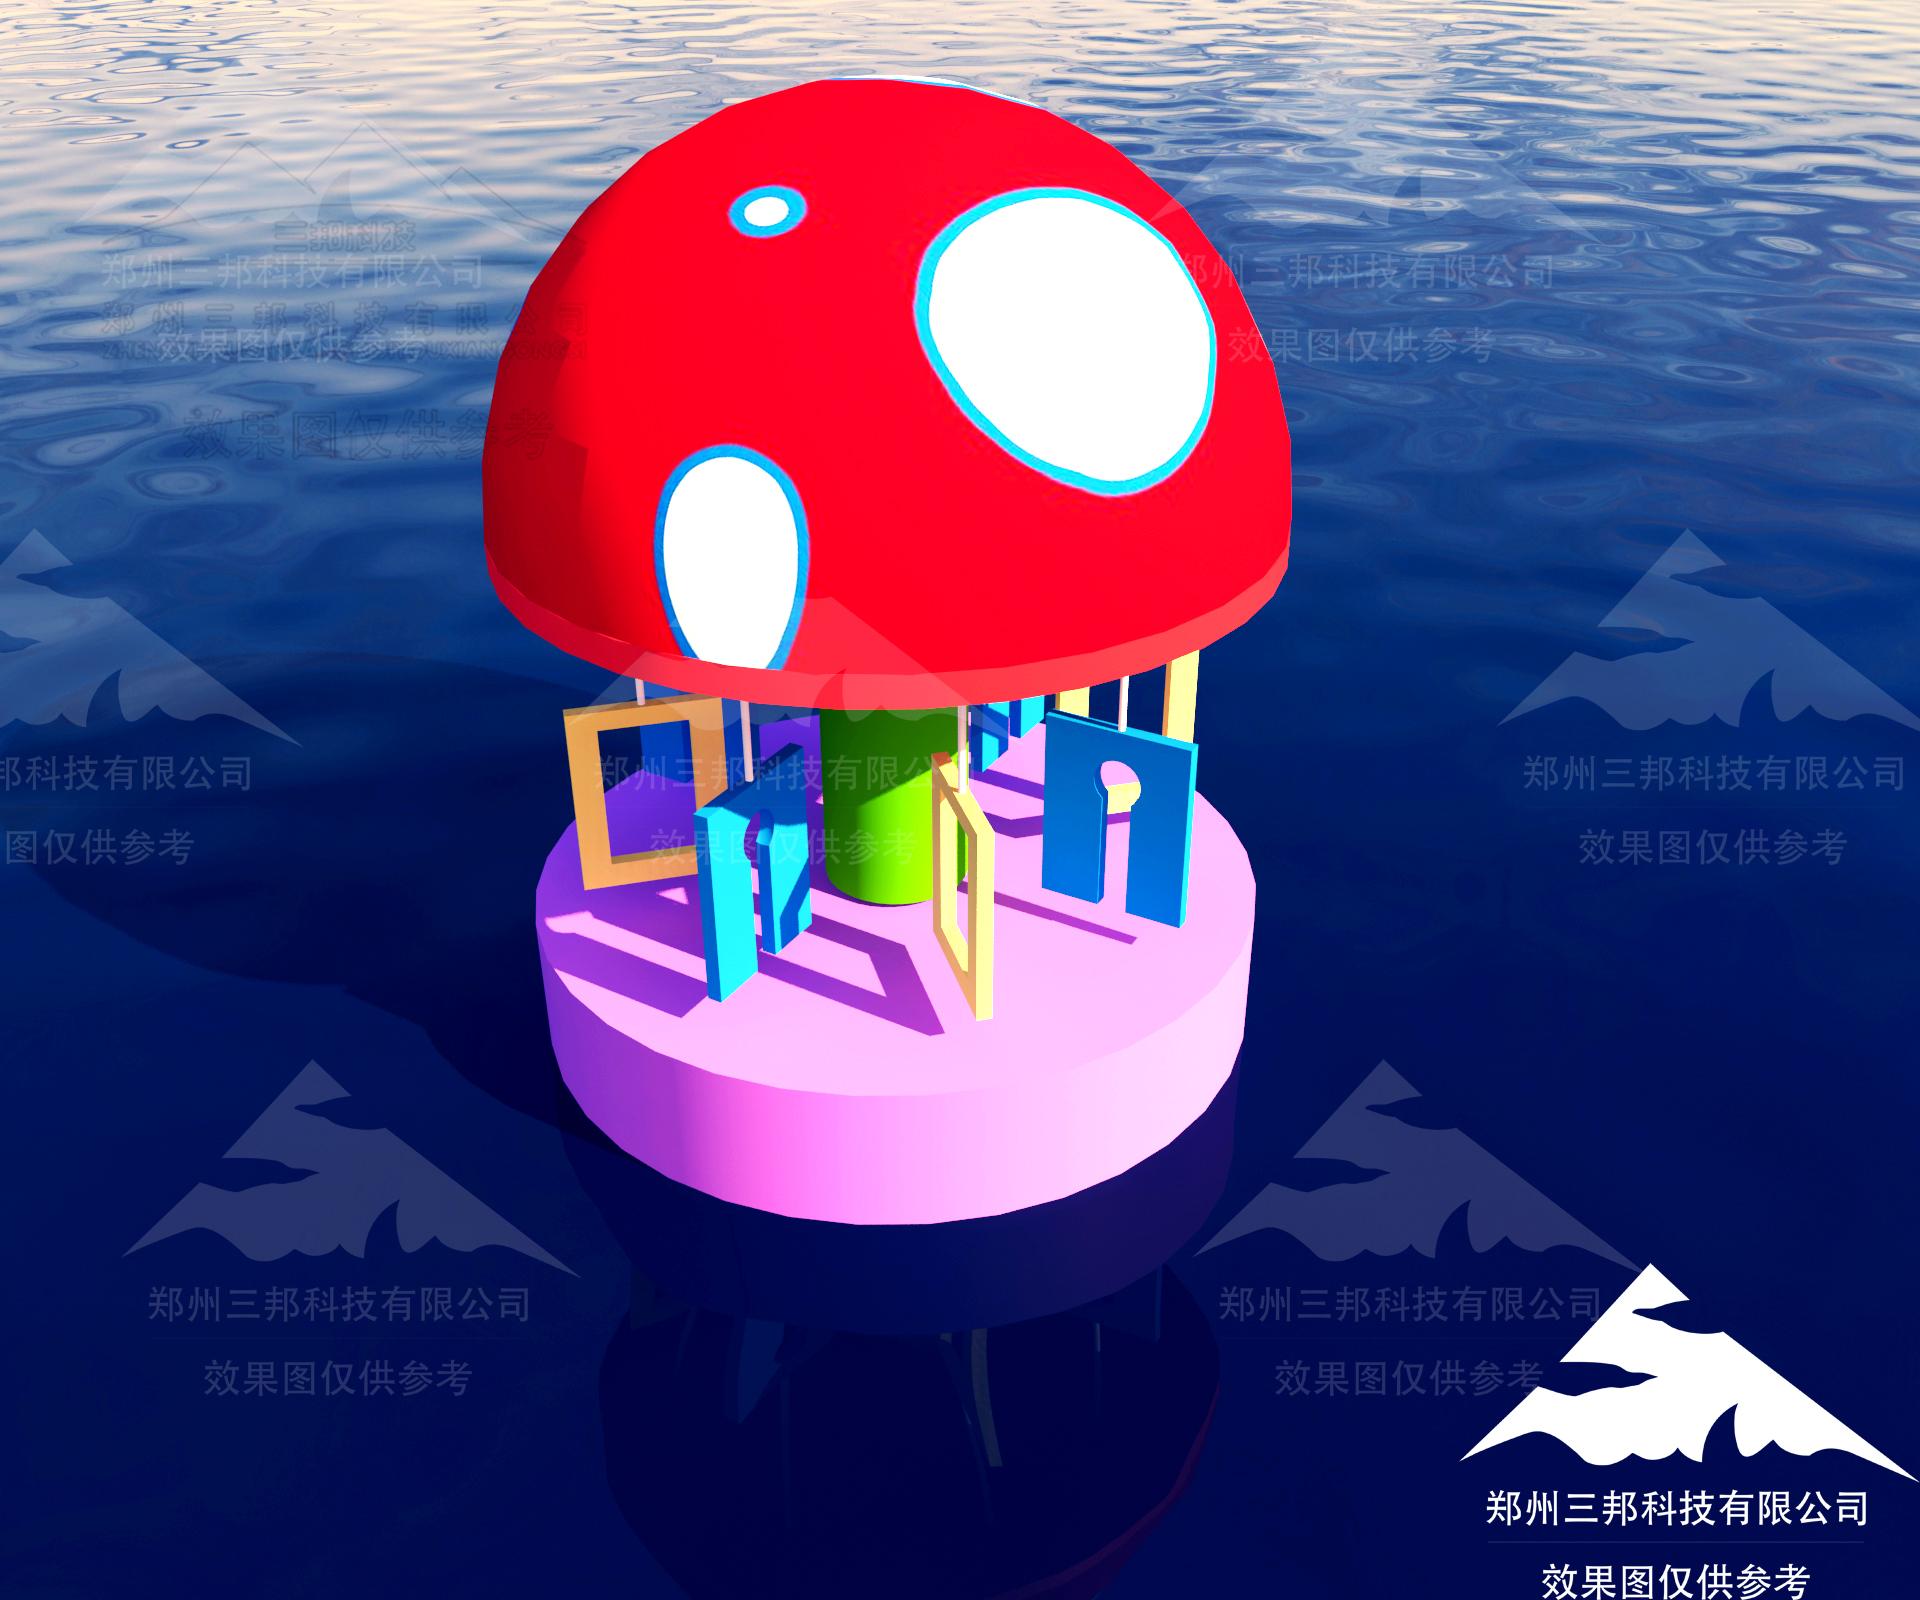 076蘑菇房.jpg